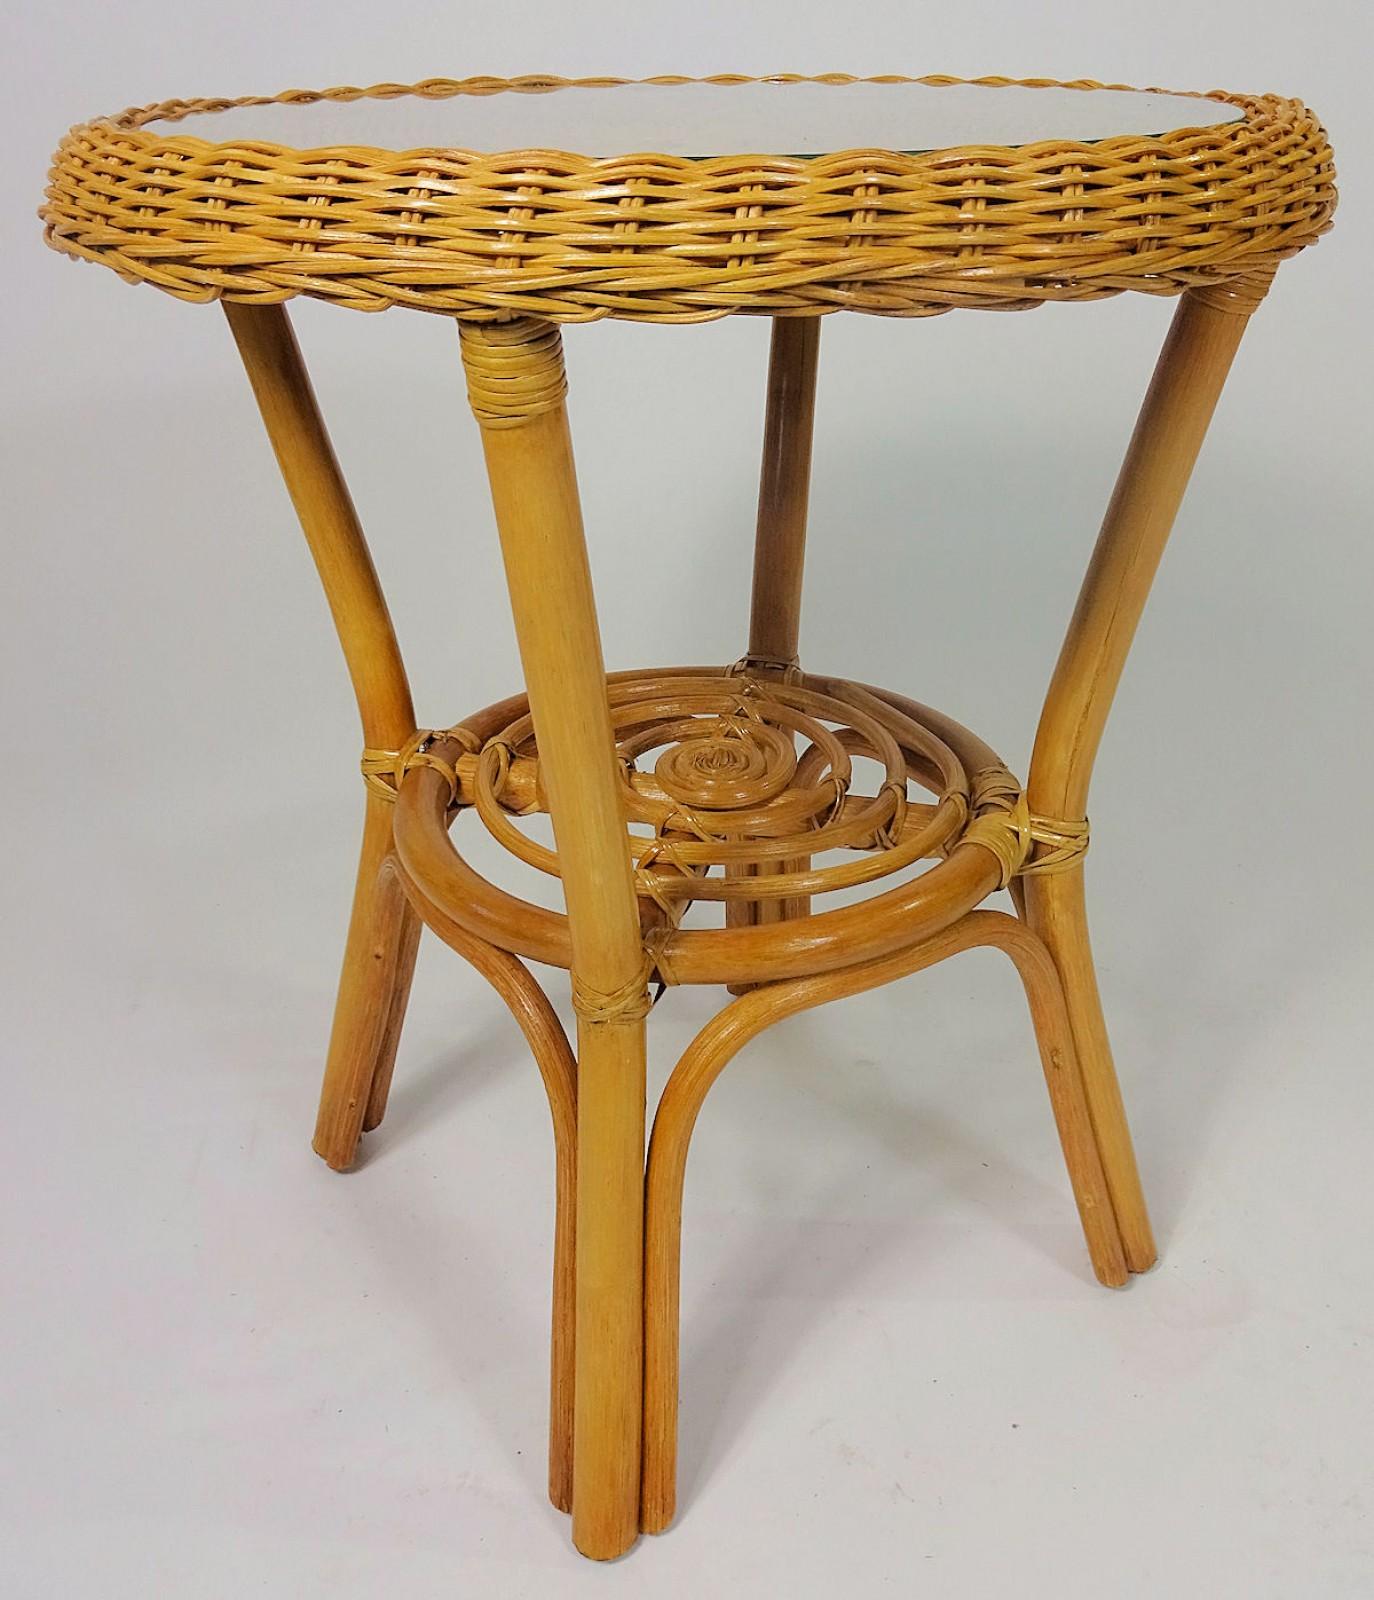 rattantisch rattan couchtisch rattan beistelltisch inkl glasplatte gr d 50 cm. Black Bedroom Furniture Sets. Home Design Ideas